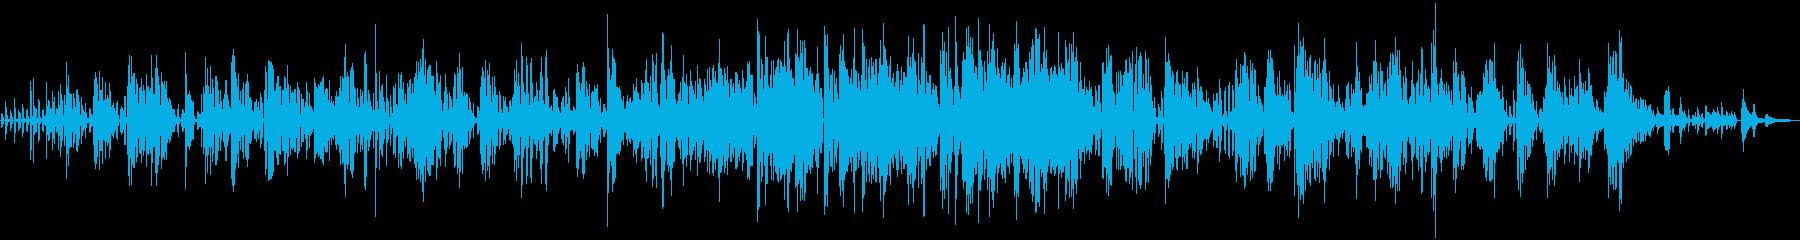 ジャズ 感情的 バックグラウンド ...の再生済みの波形